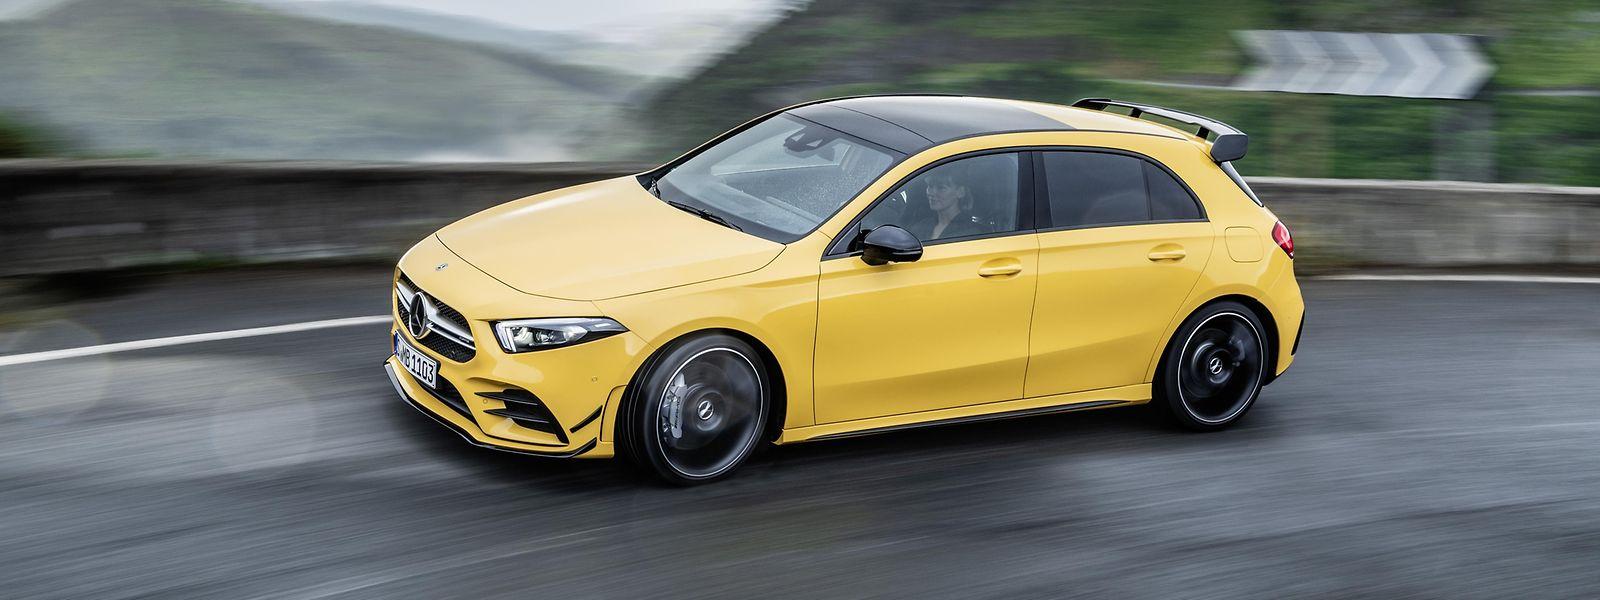 Der Mercedes-AMG A 35 4Matic spurtet in 4,7 Sekunden von 0 auf 100 km/h und erreicht eine elektronisch begrenzte Höchstgeschwindigkeit von 250 km/h.